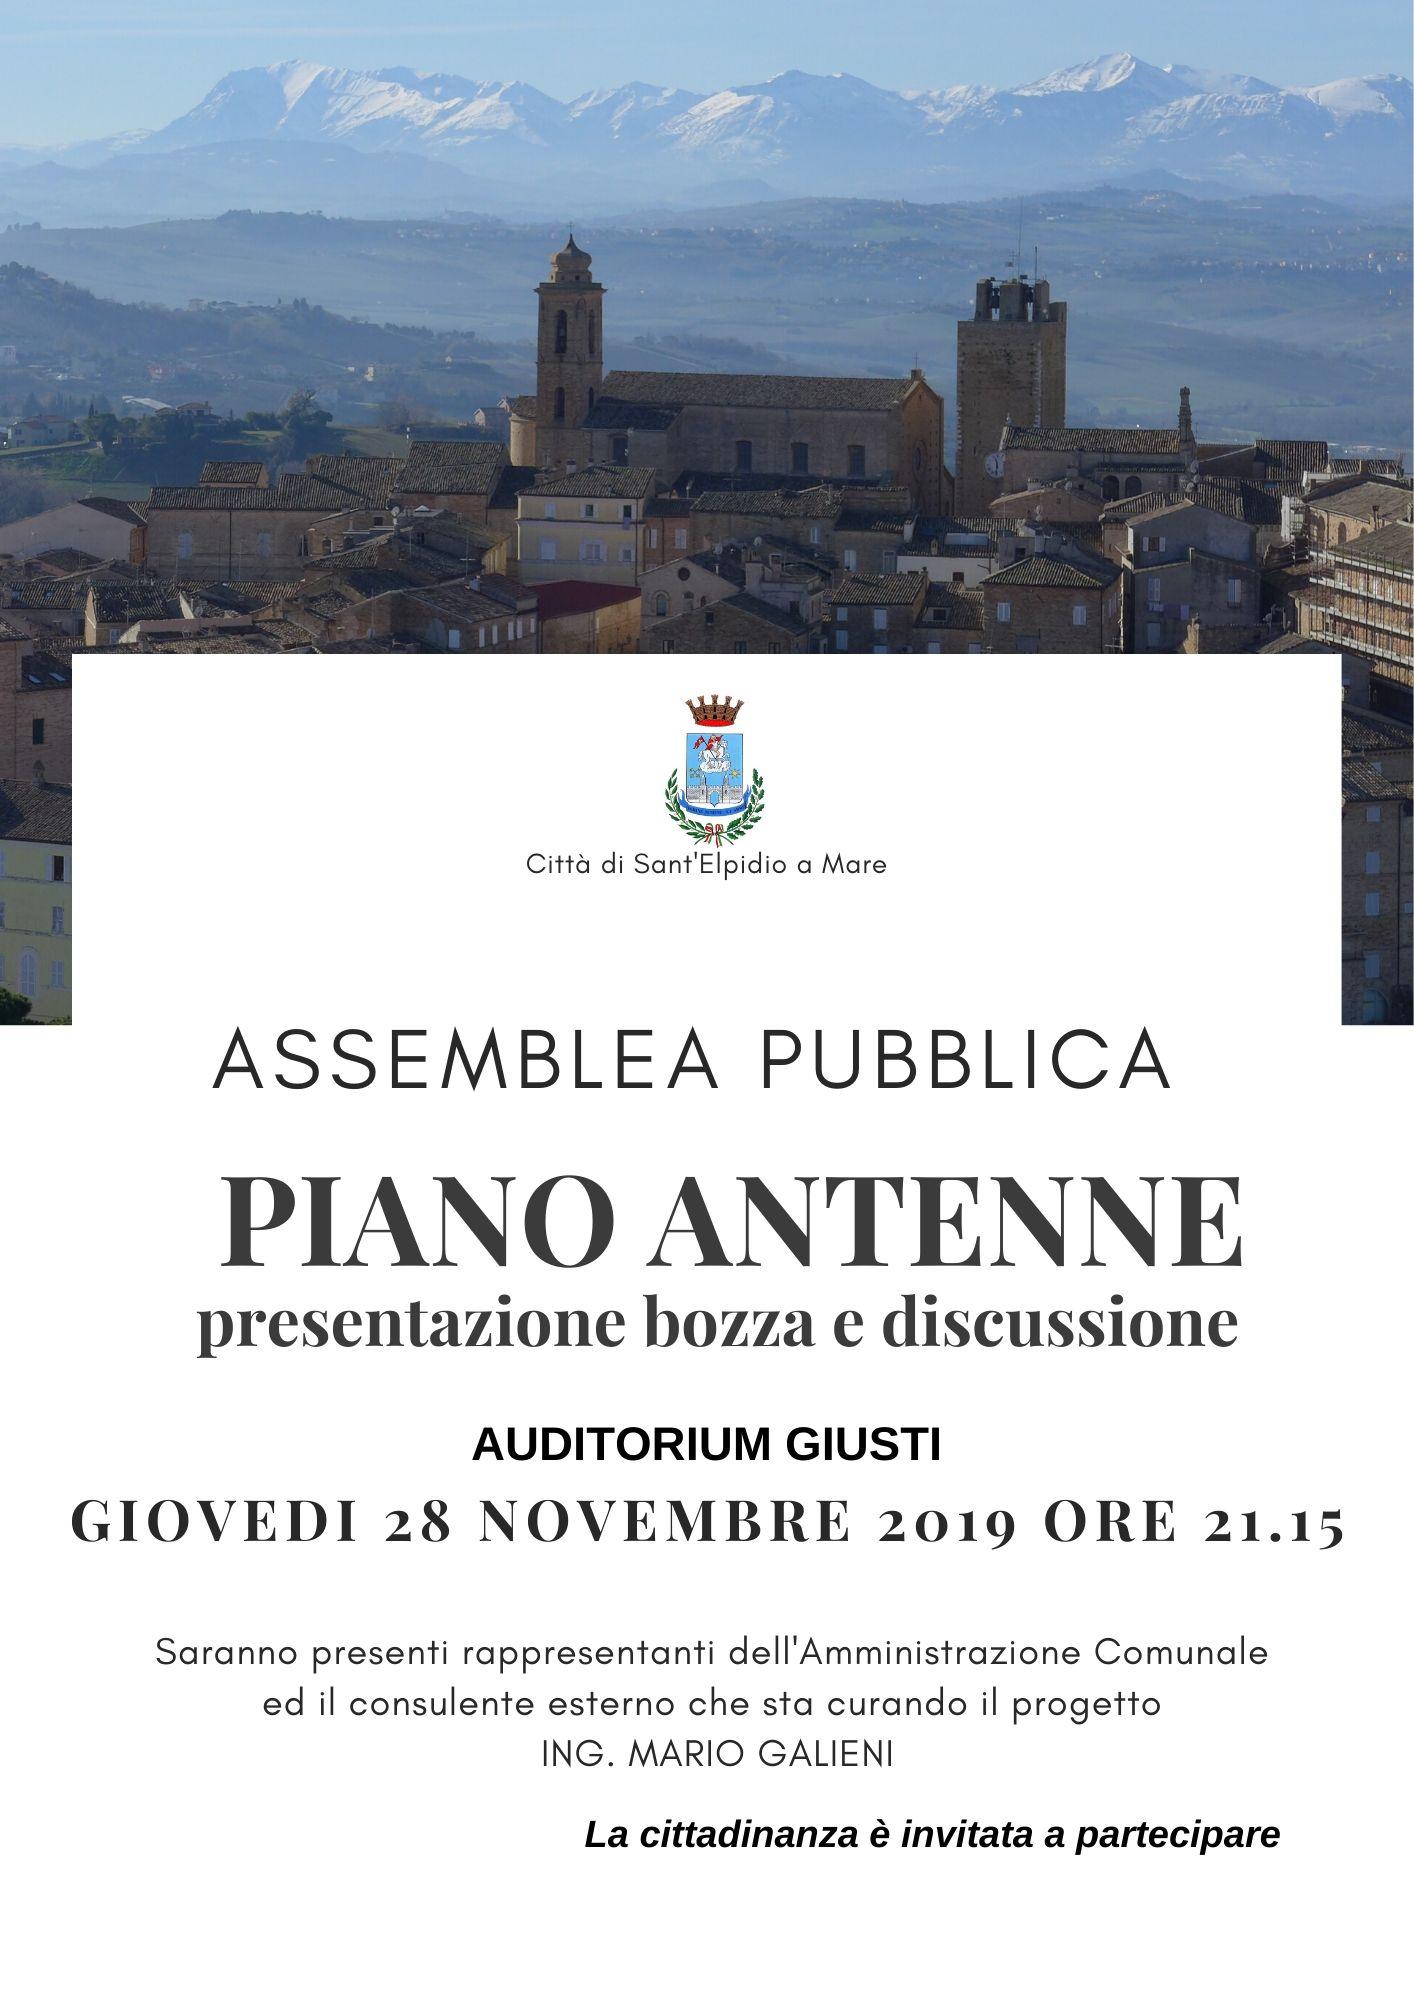 ASSEMBLEA PUBBLICA - PIANO ANTENNE